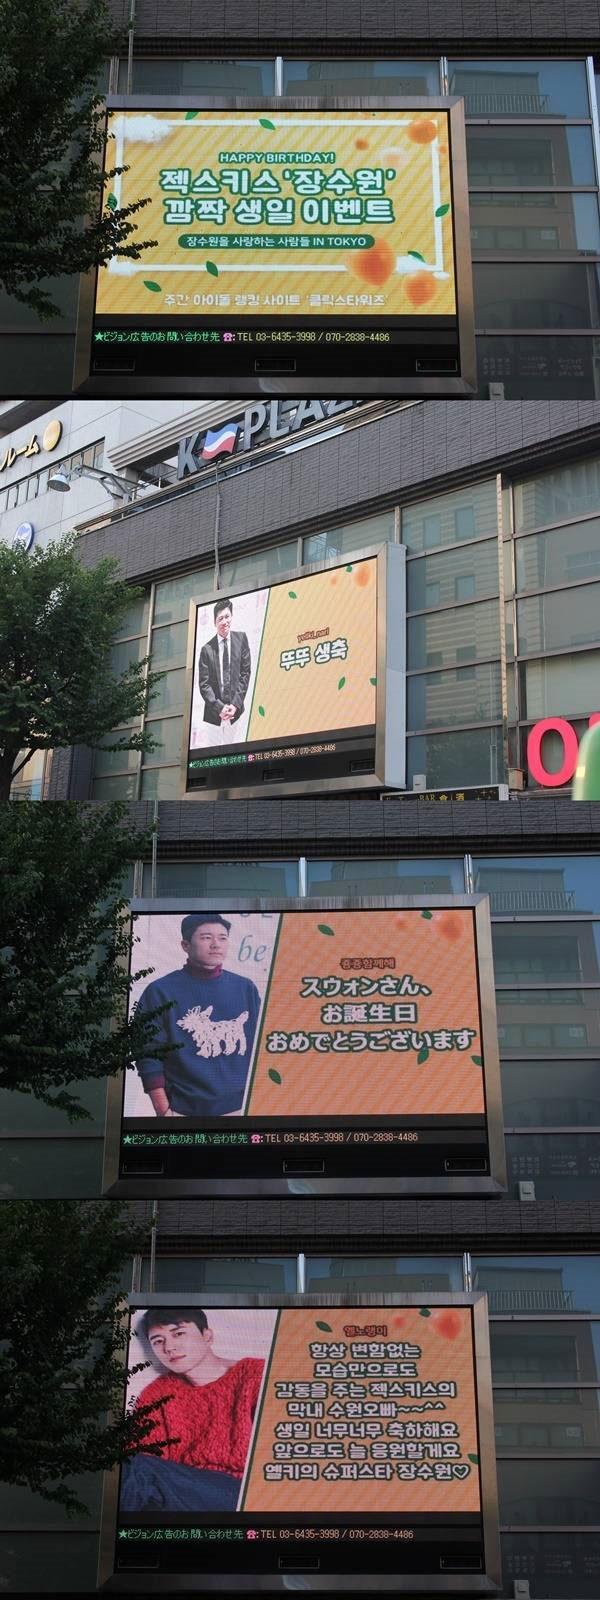 日本と韓国のファンがSECHSKIESチャン・スウォンの誕生日を祝った。|Click! StarWars